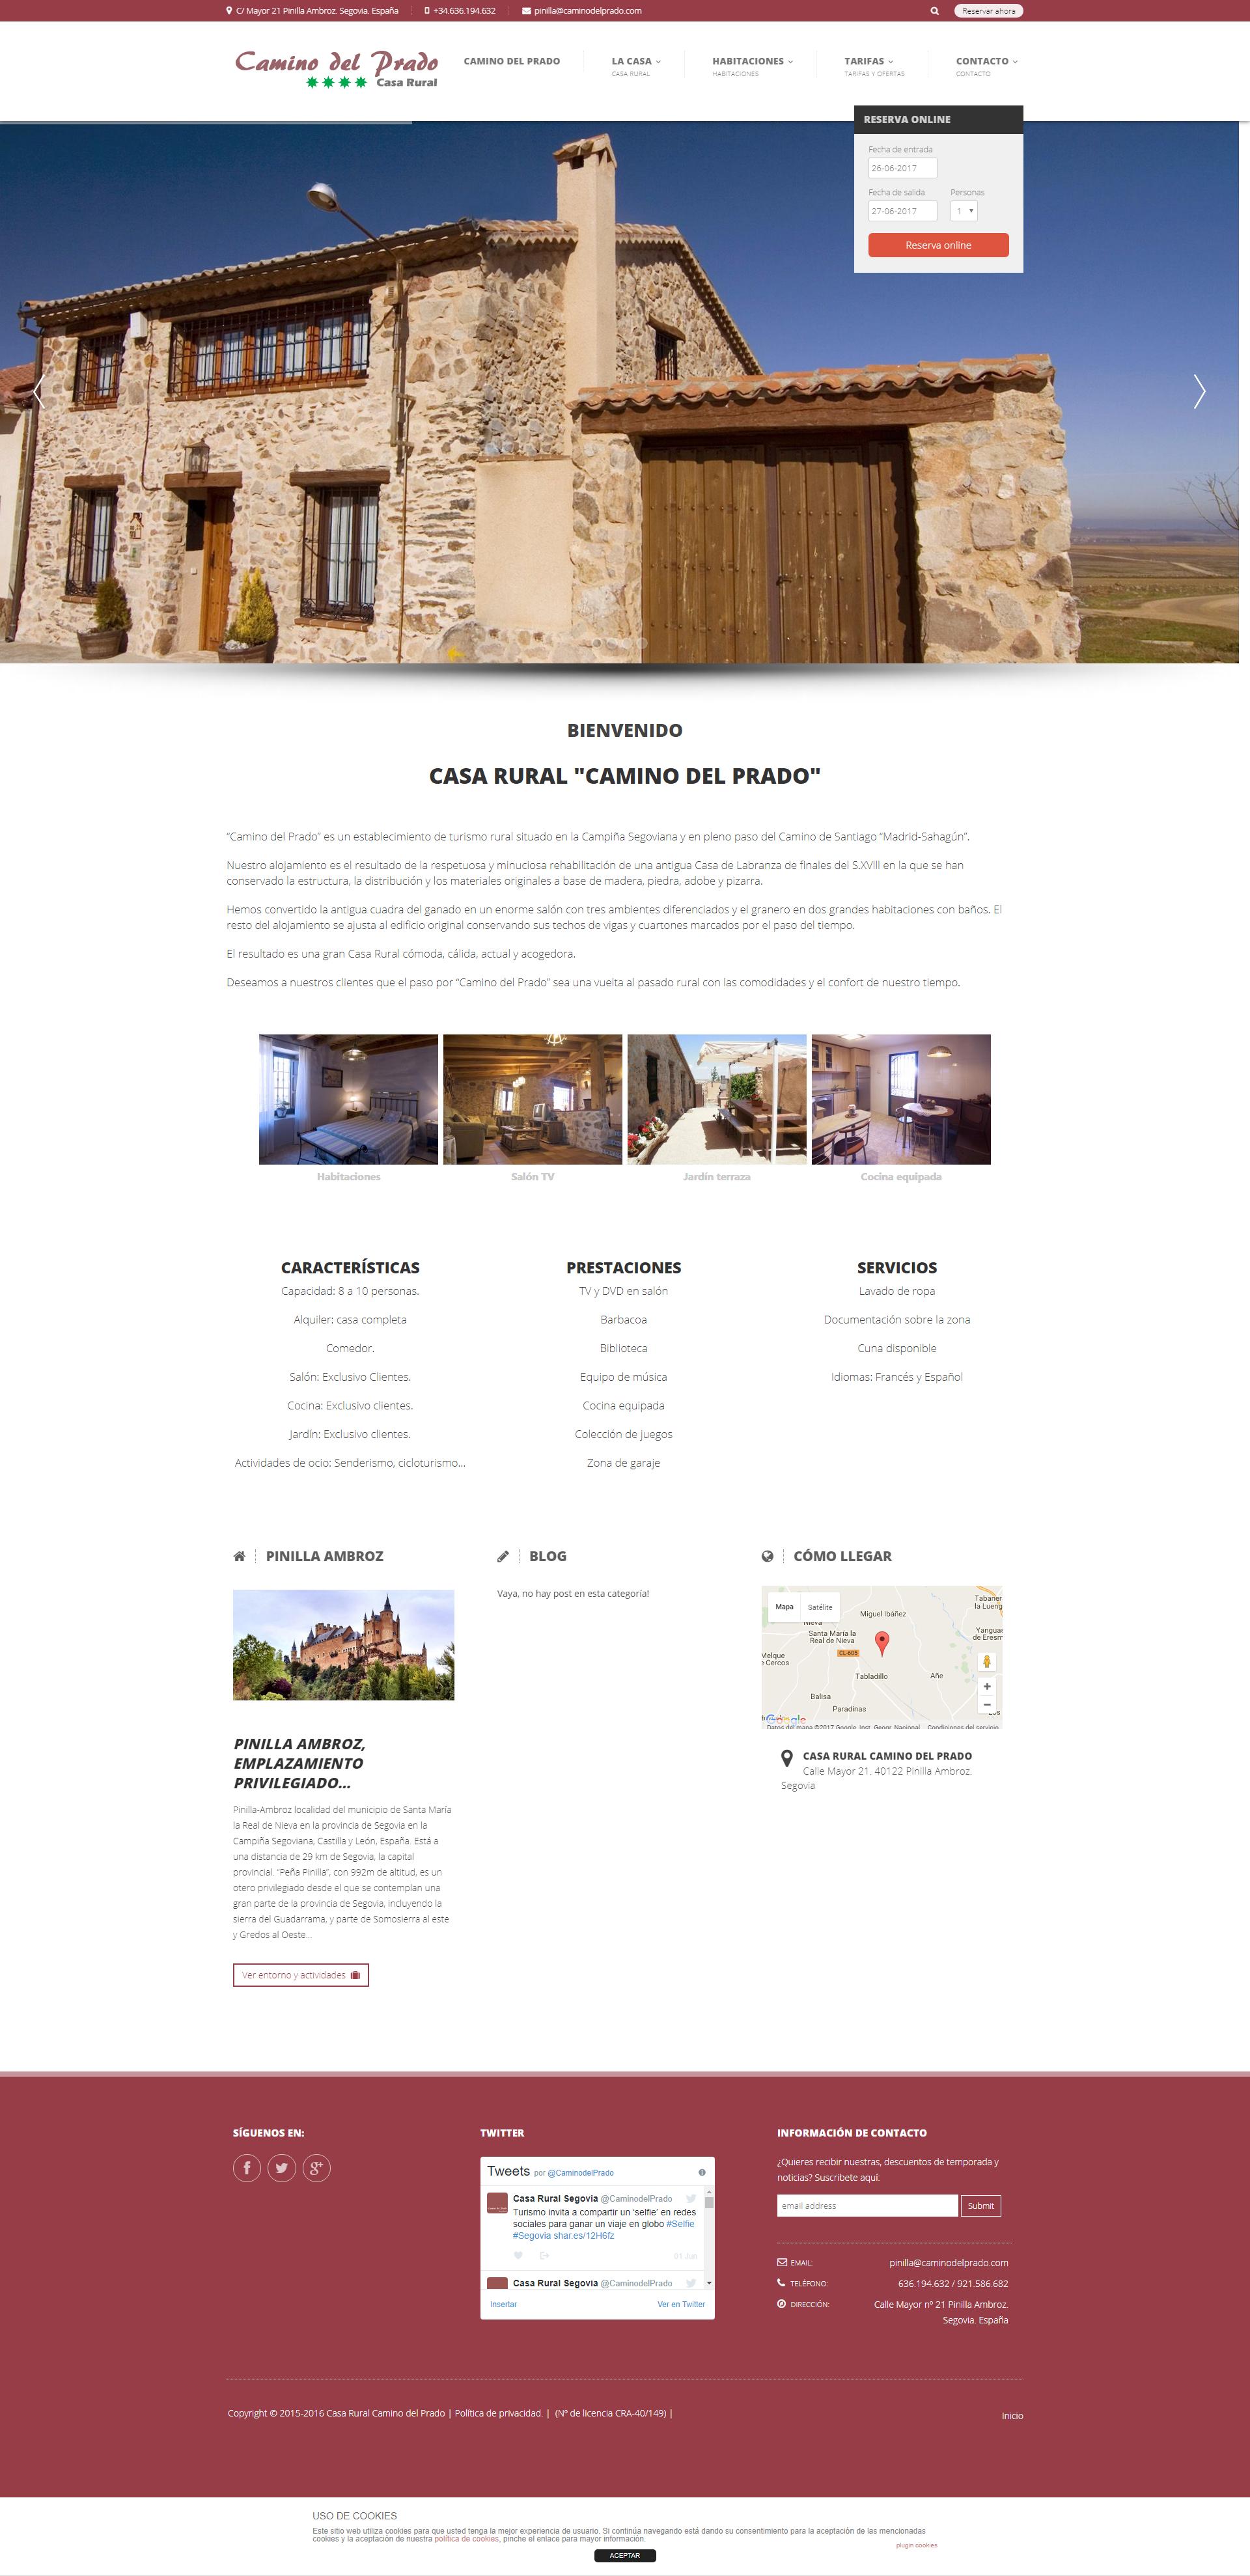 Diseños Web para Hoteles y Casas Rurales.